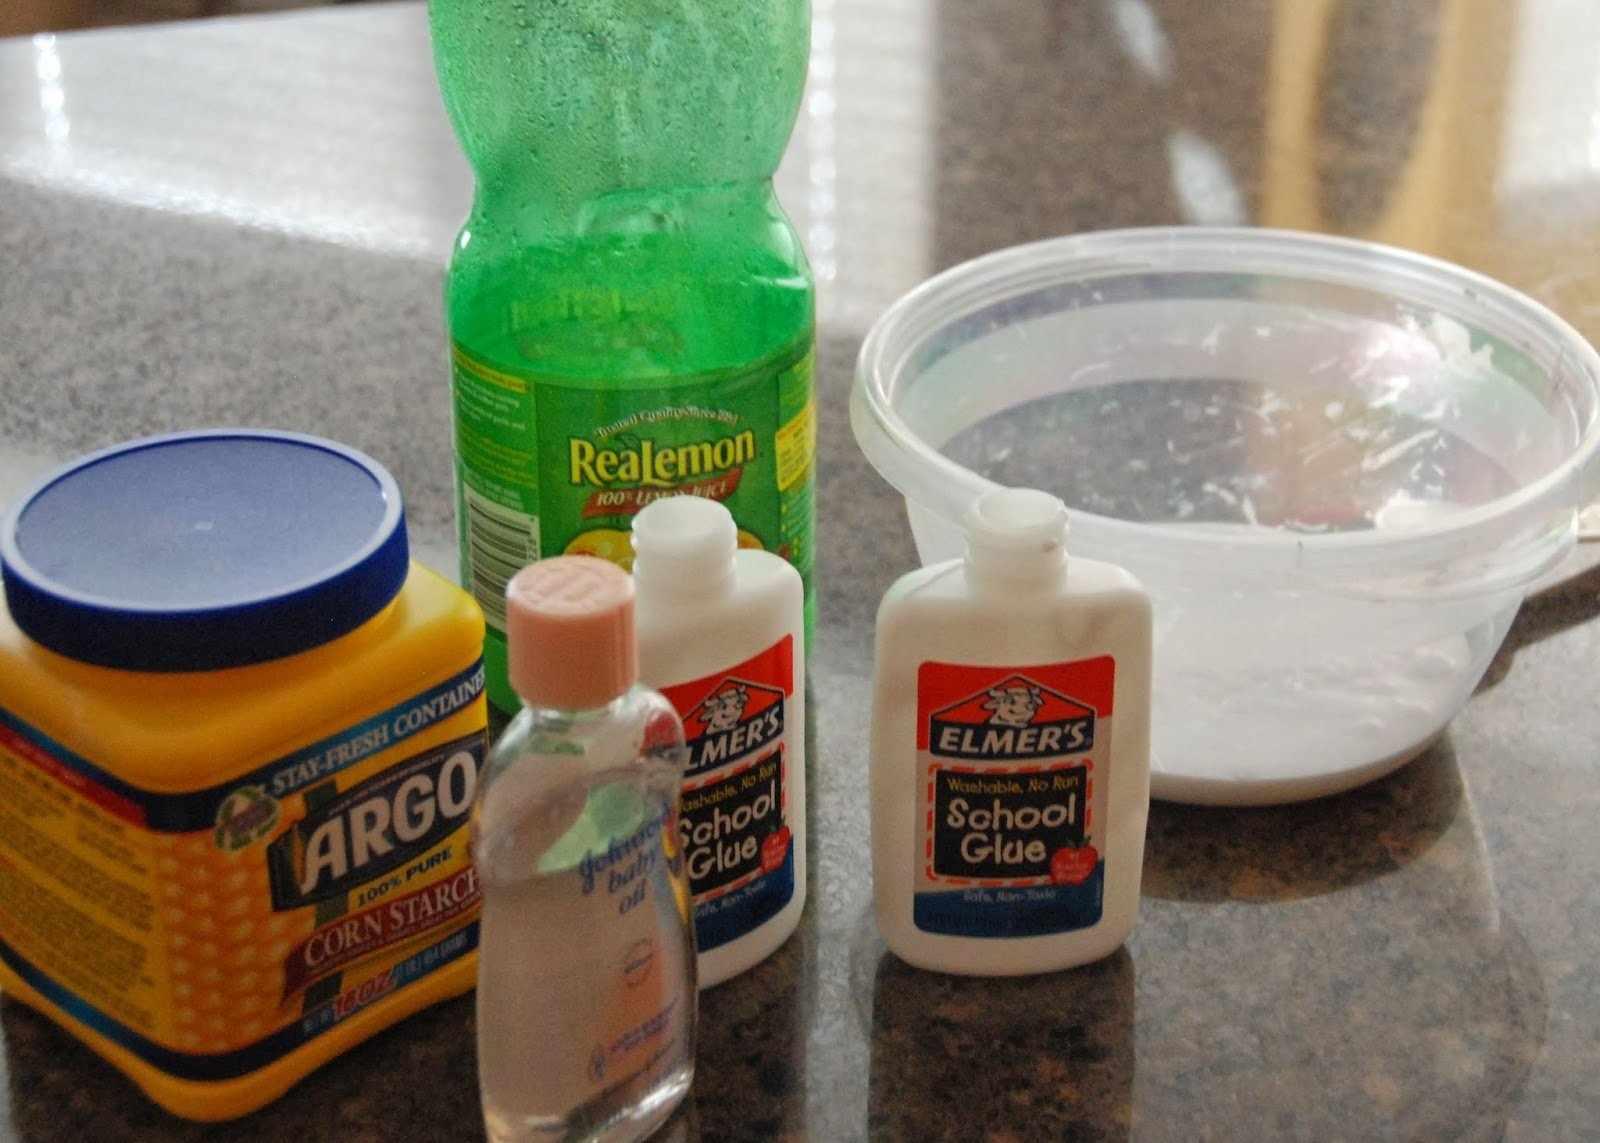 Оригинальный рецепт холодного фарфора